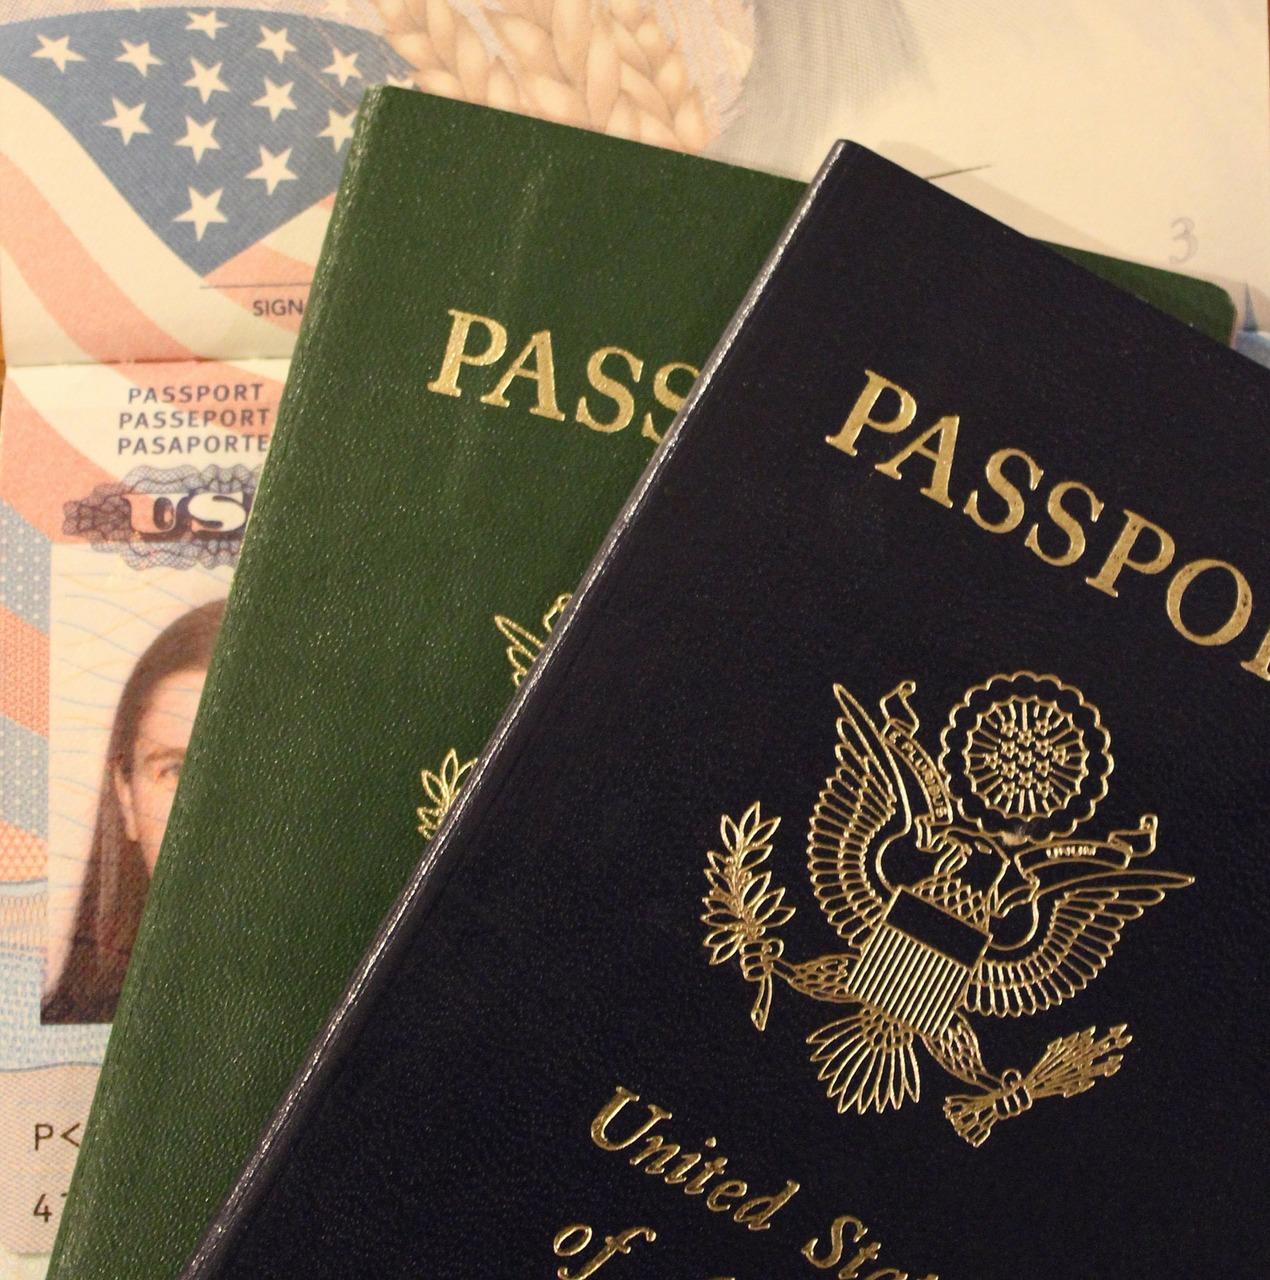 Imigração nos EUA: dicas para entrevista no aeroporto. | Dicas de inglês